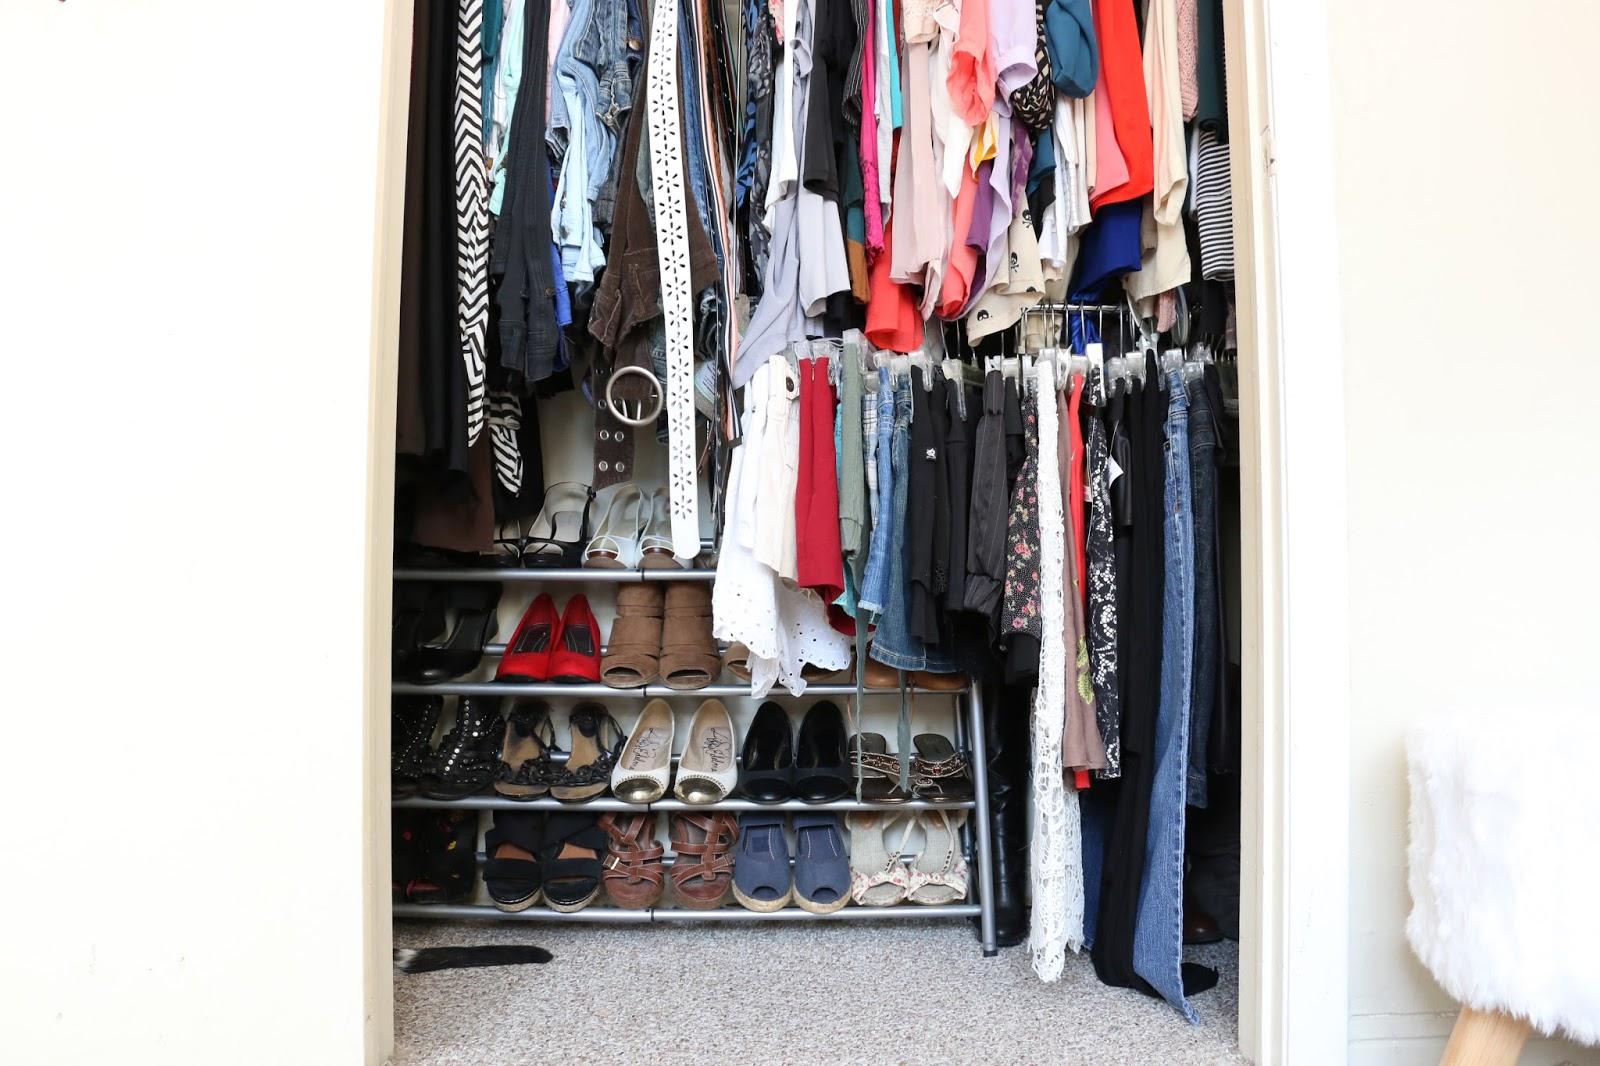 criatividade e lindo moda transformar em basta antiga pin um closet pode c se de organizador bolsas sua